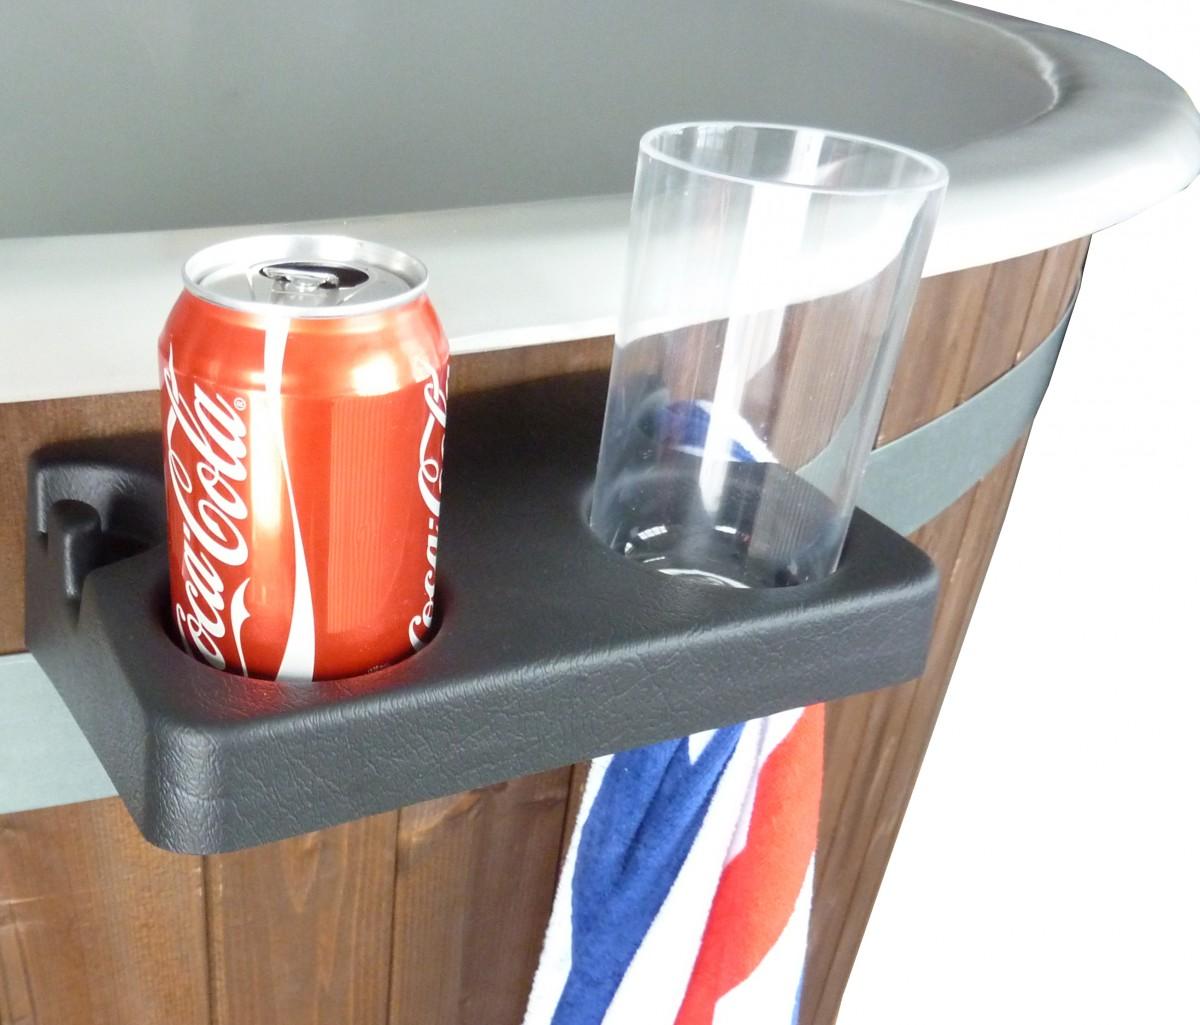 Dryckeshållare till badtunna